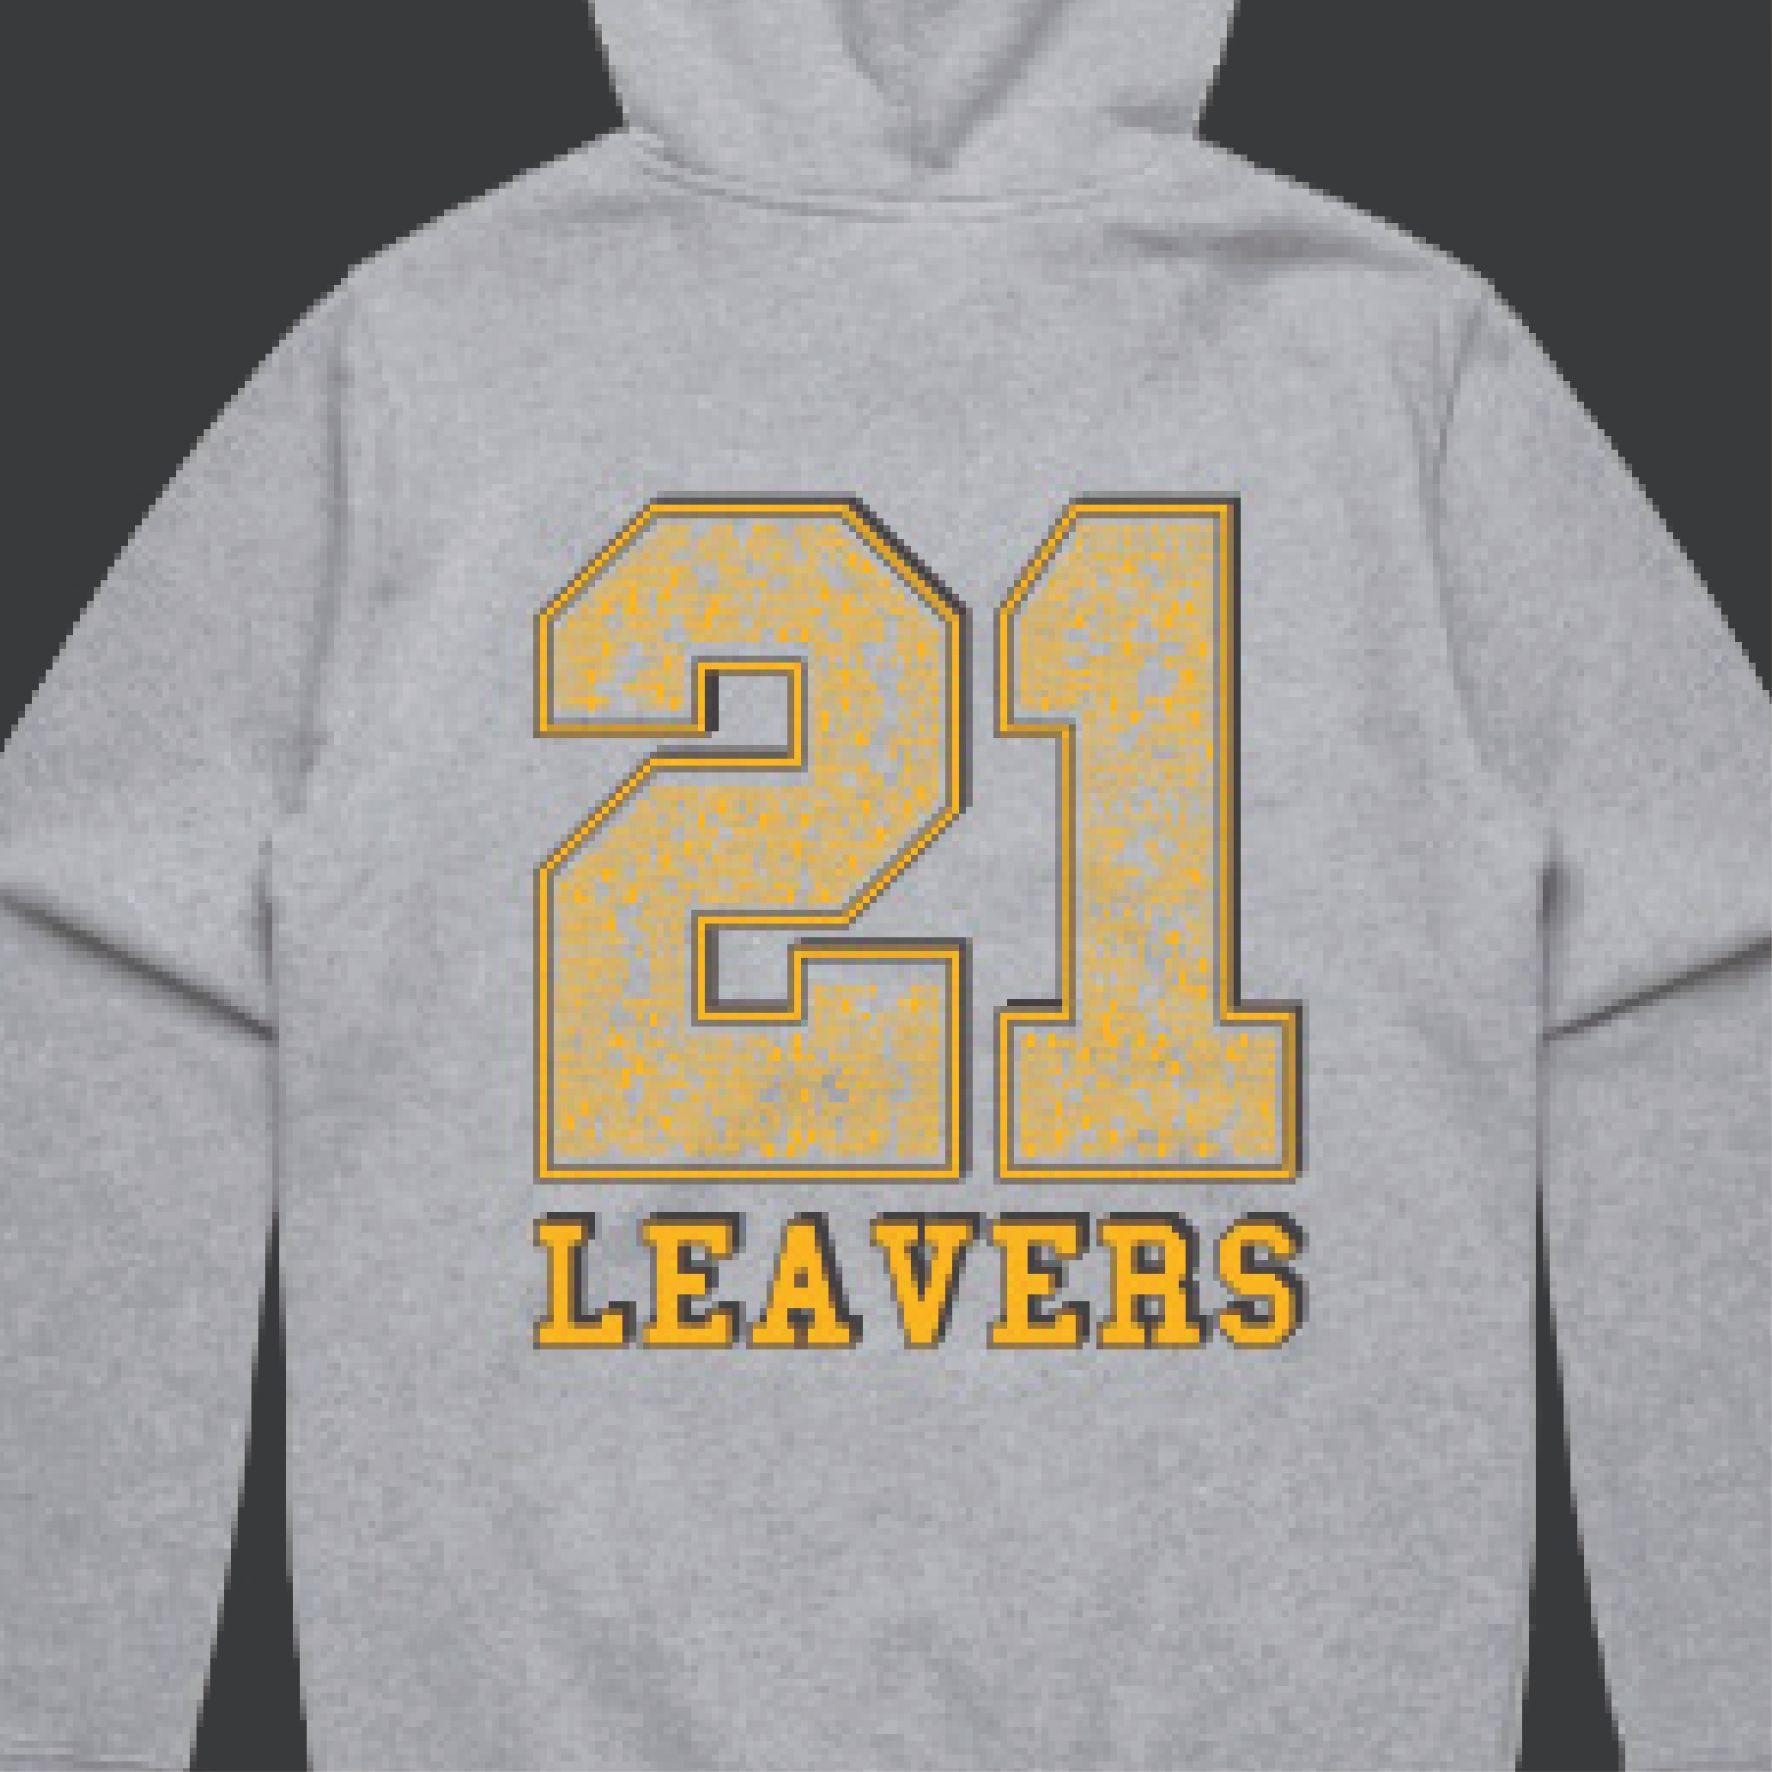 Leavers Gear